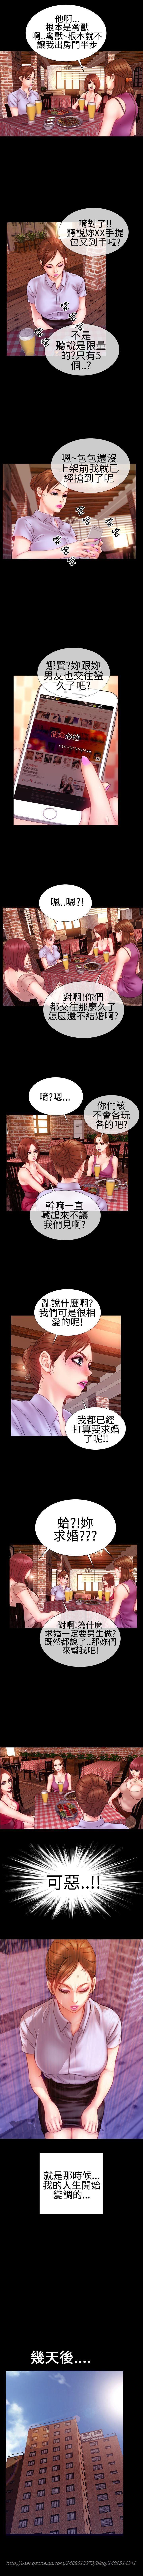 [洋蔥&模造]MY WIVES 淫荡的妻子们 Ch.4~10 [Chinese]中文 21